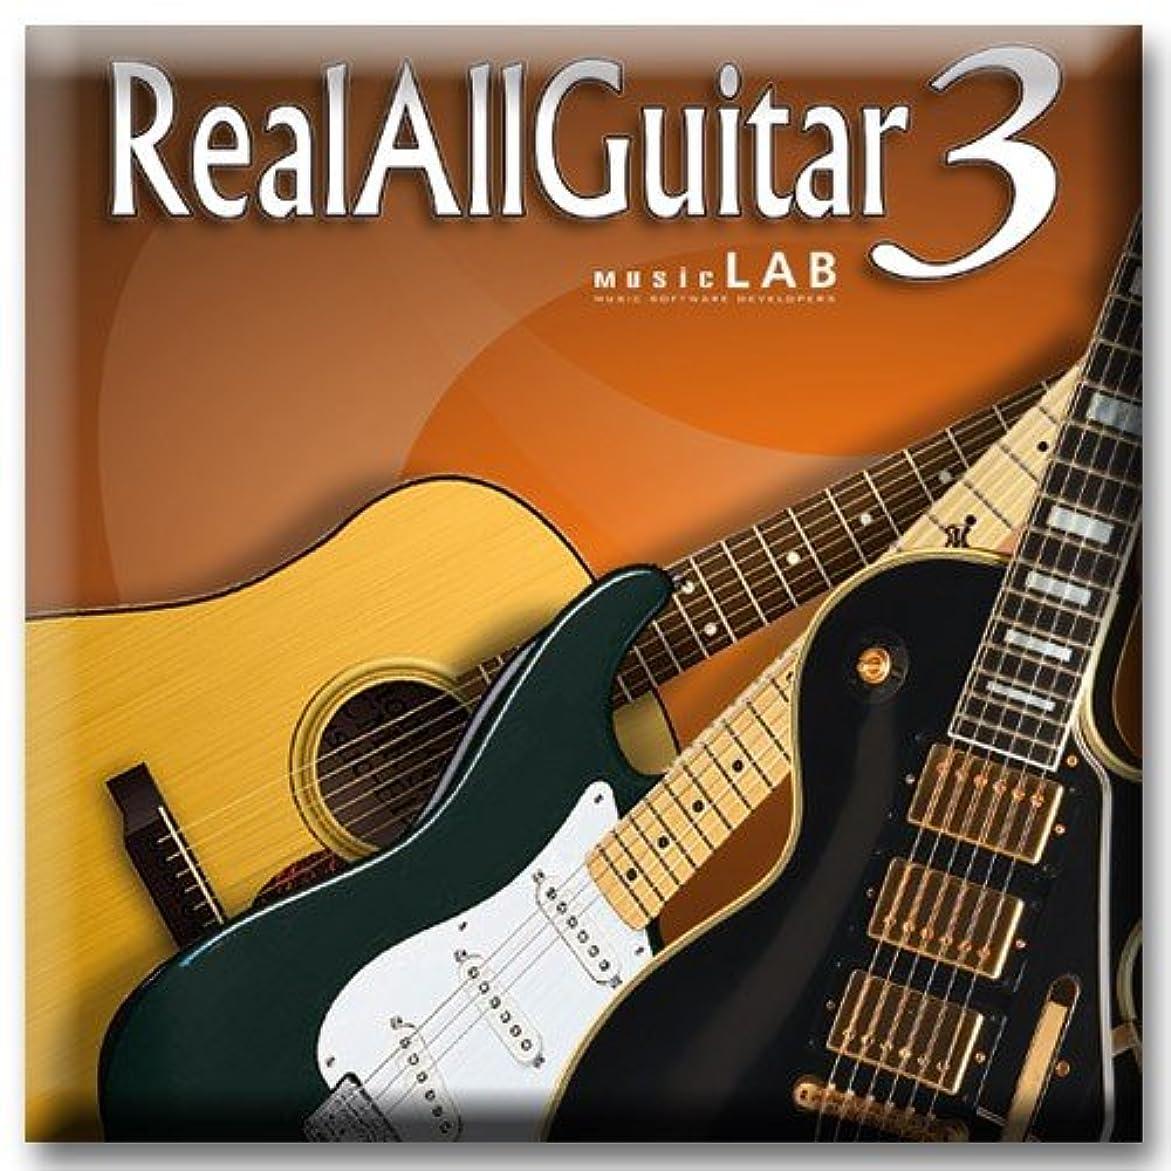 セクションコマース中級◆MusicLab REAL ALL GUITAR 3◆並行輸入品◆リアルギター音源◆ [並行輸入品]